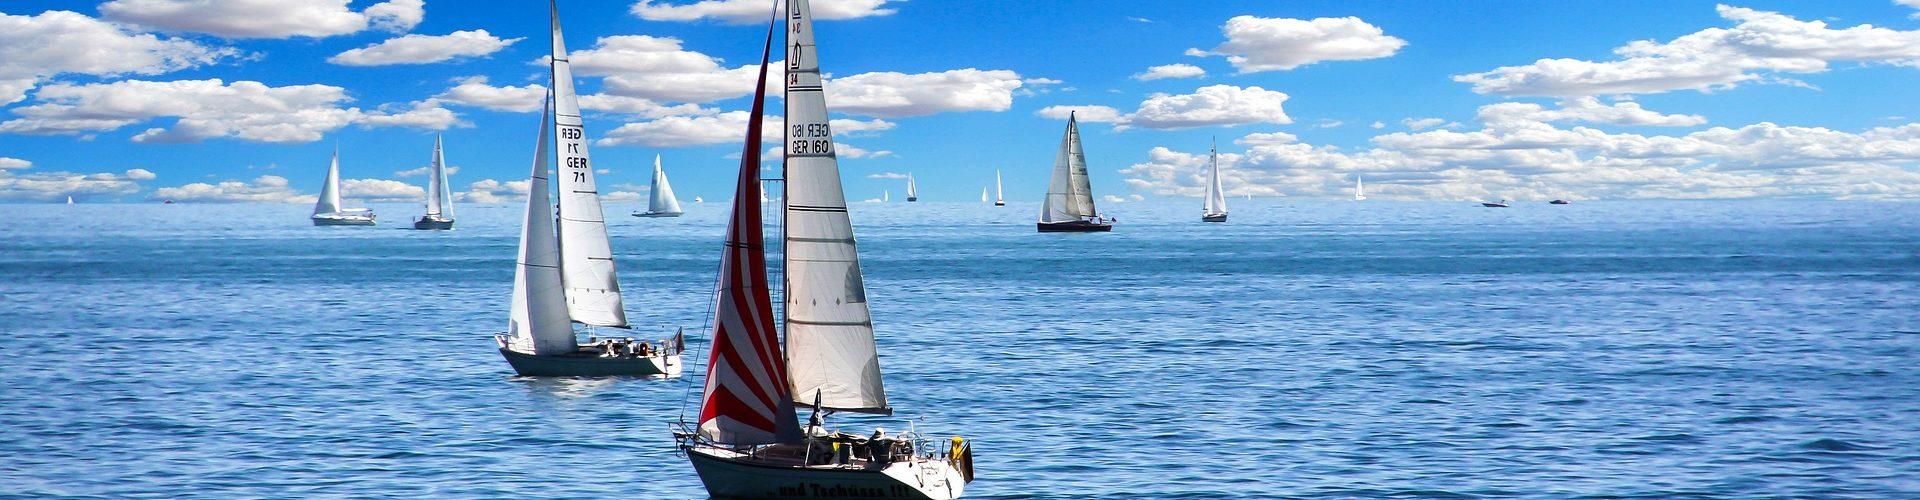 segeln lernen in Wittenberge segelschein machen in Wittenberge 1920x500 - Segeln lernen in Wittenberge